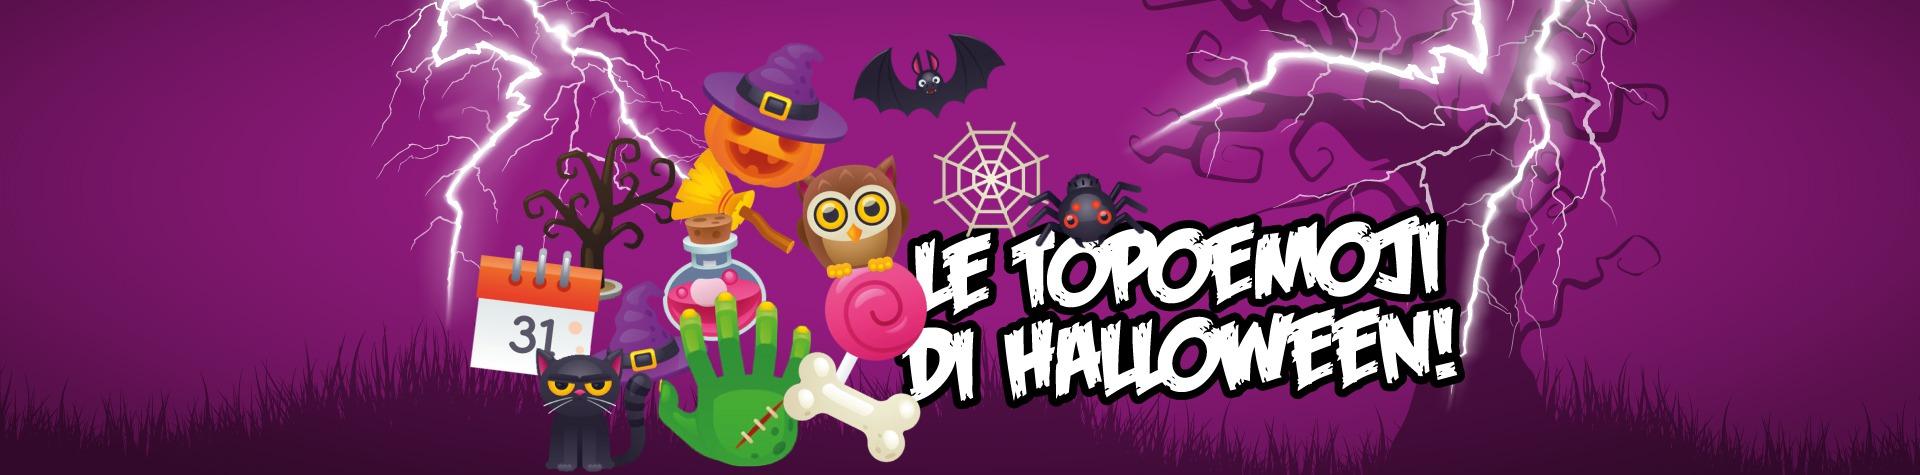 Scopri le topoemoji di Halloween!